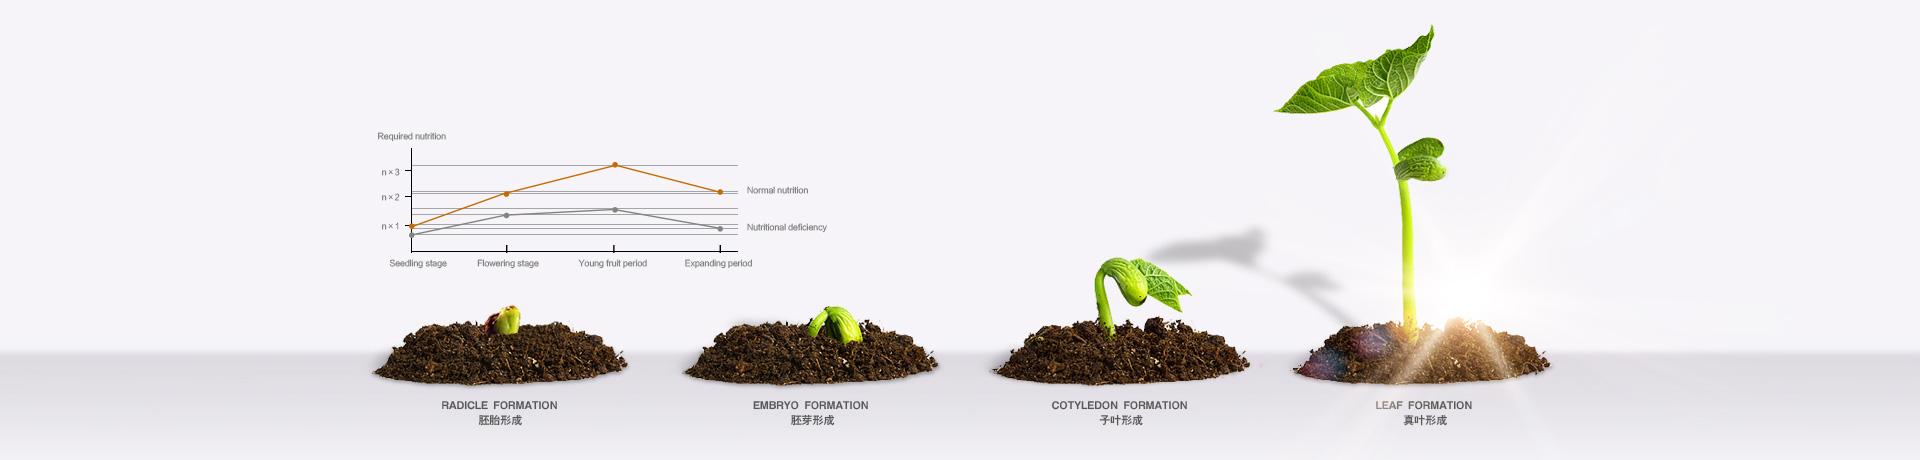 巴西蒙戈叶面肥植物营养理念